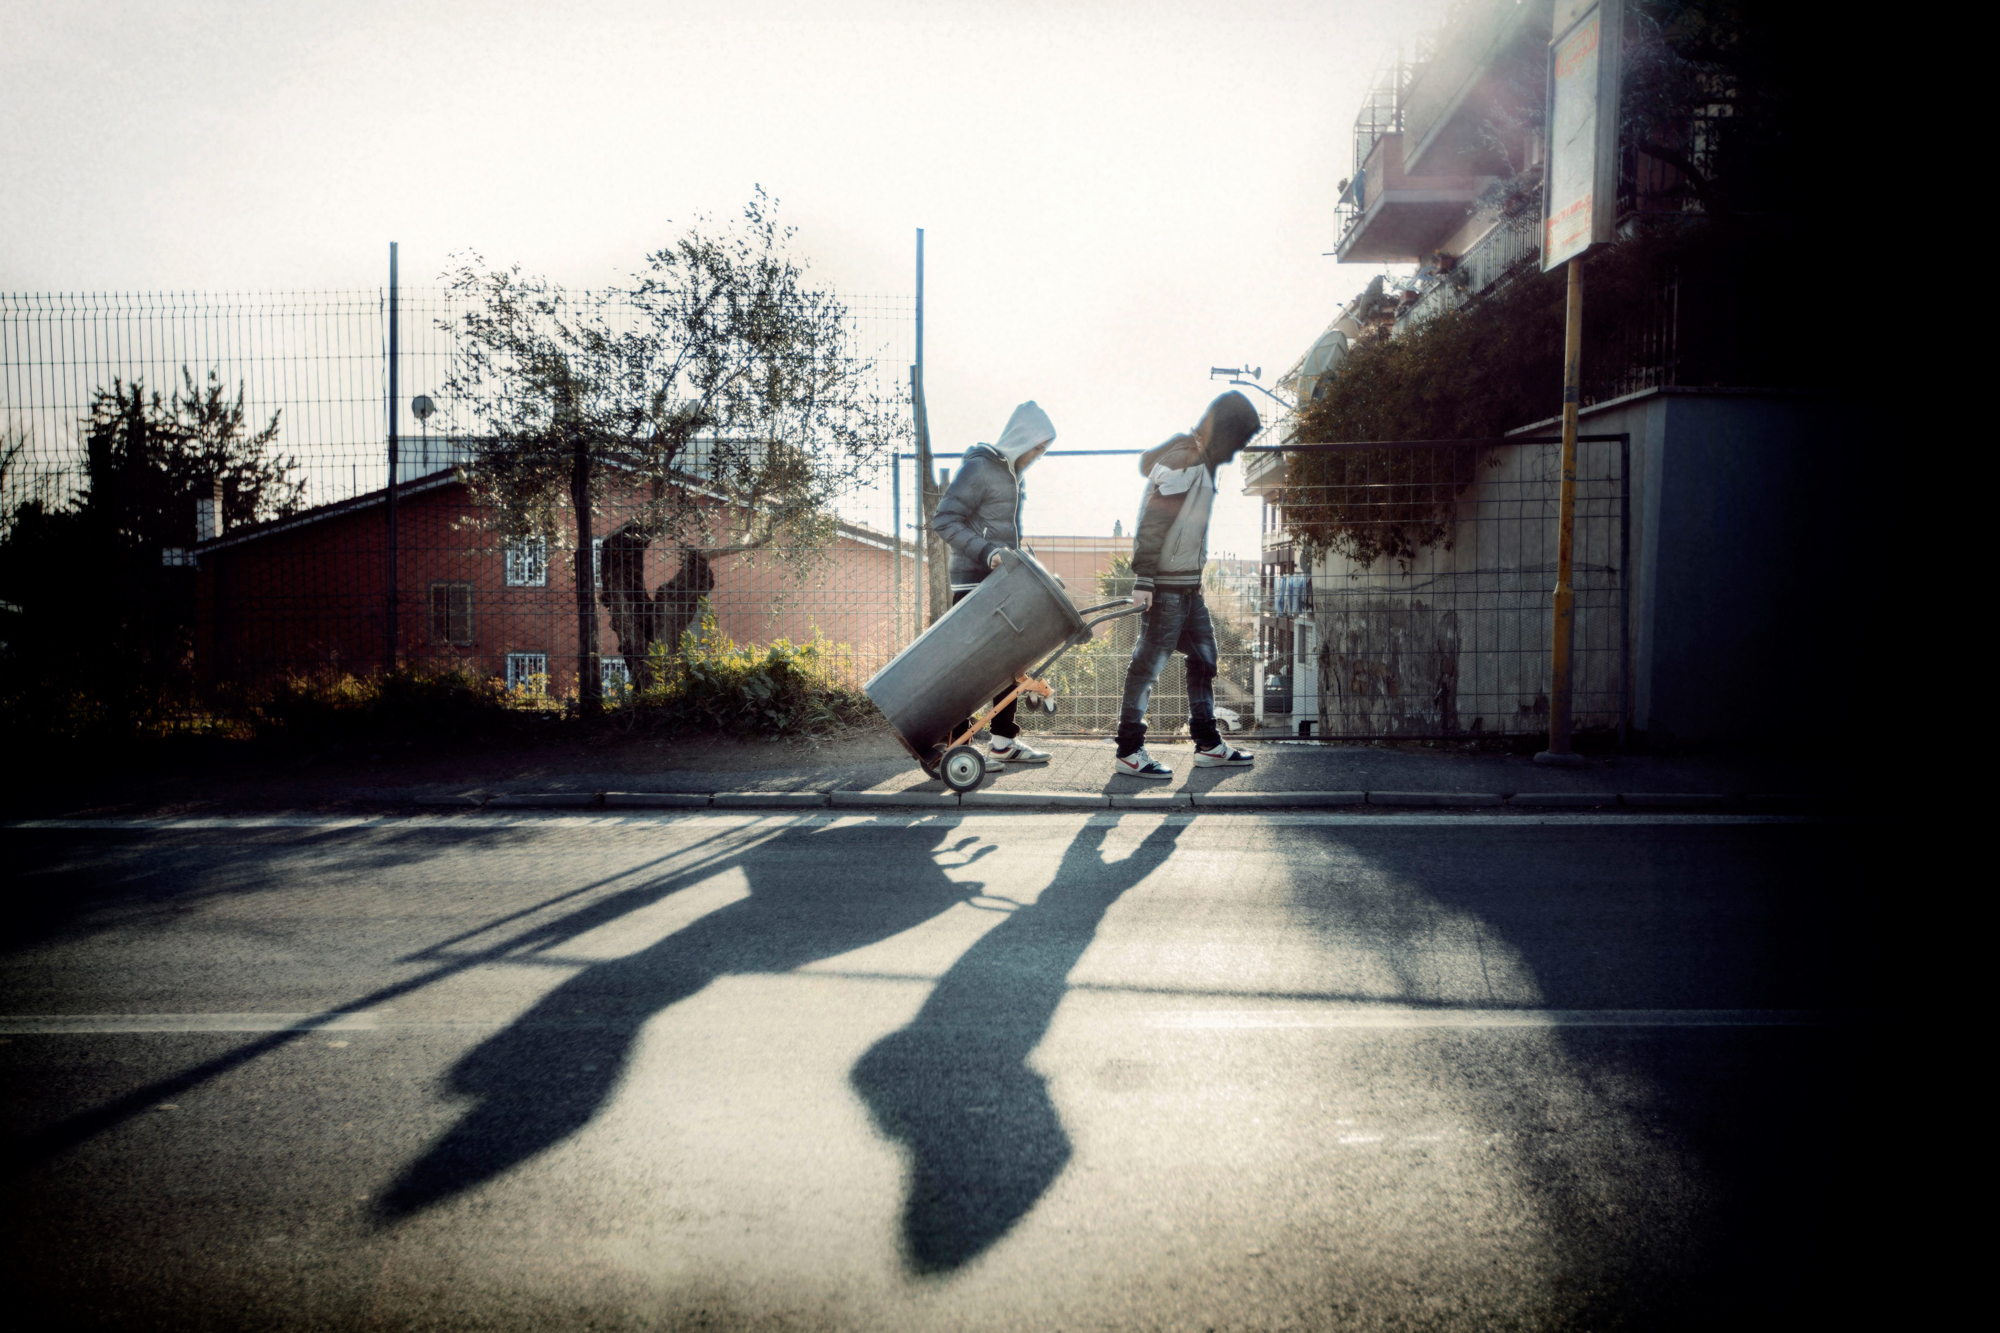 Cittadidini di Malagrotta provvedono allo smaltimento dei rifiuti abusivamente